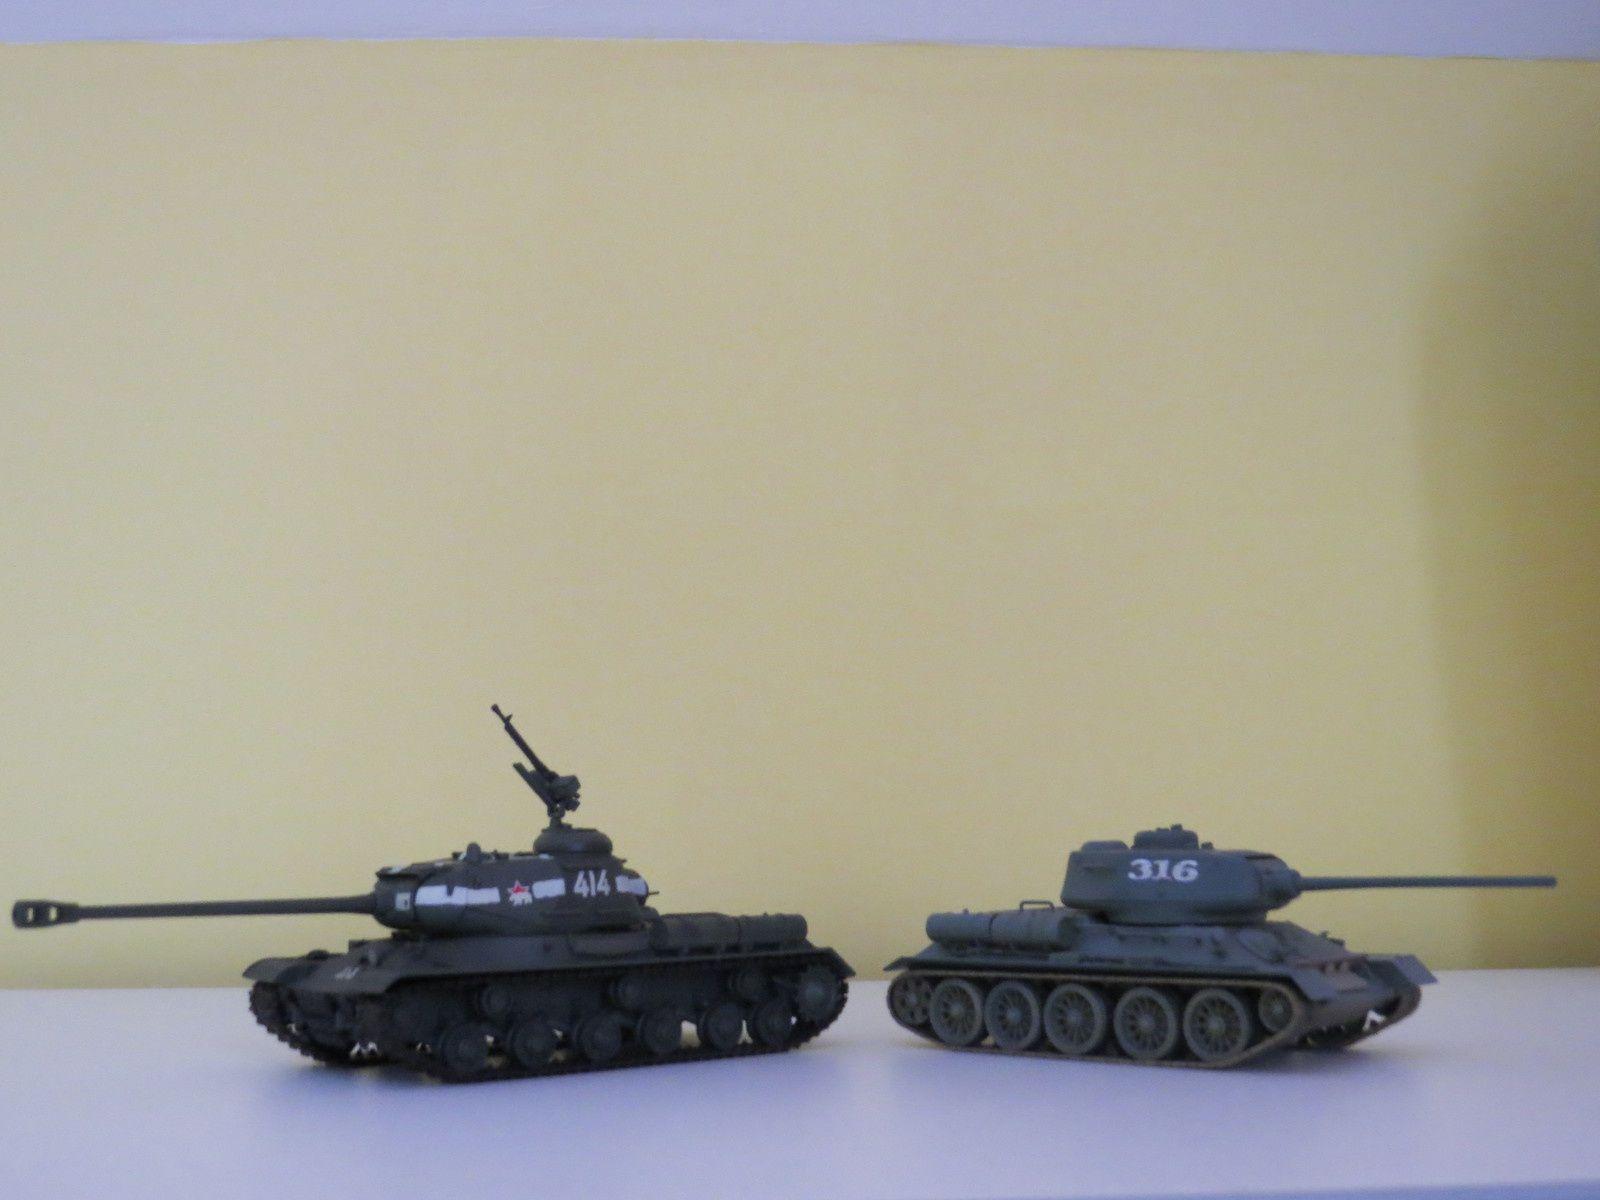 t-34 vs is-2